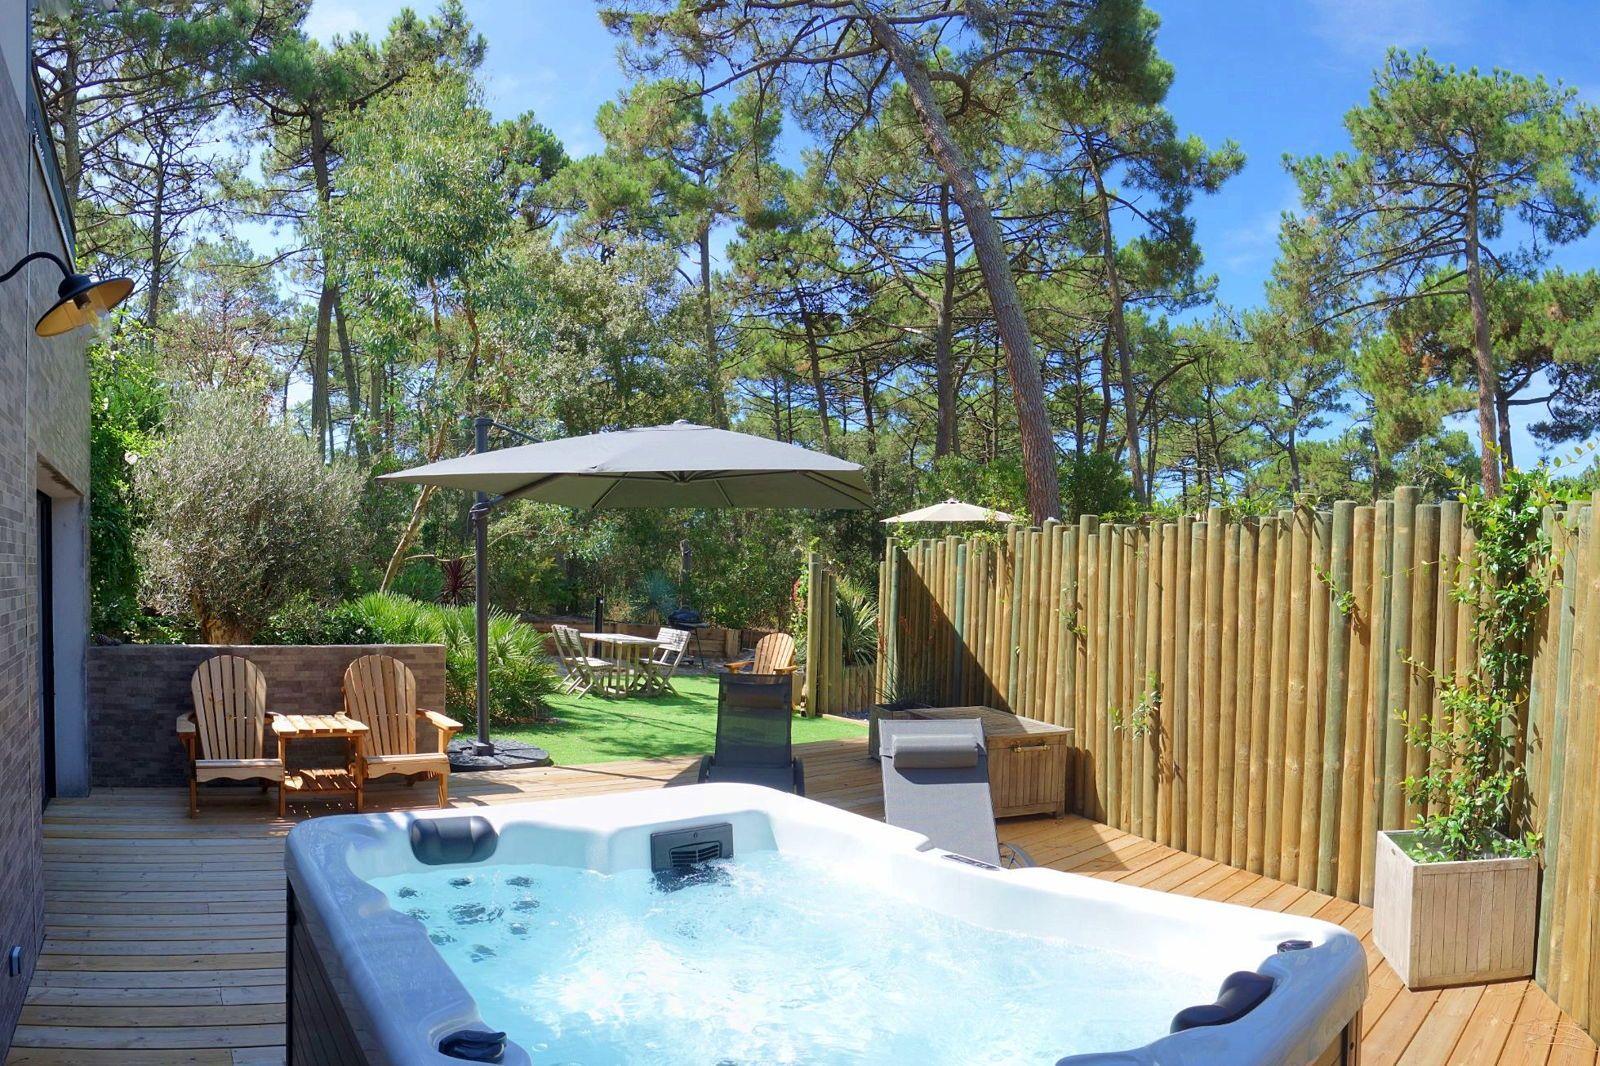 Loue gîte 4étoiles Arcachon (33) spa, forêt et océan - 1chambre 2/4couchages